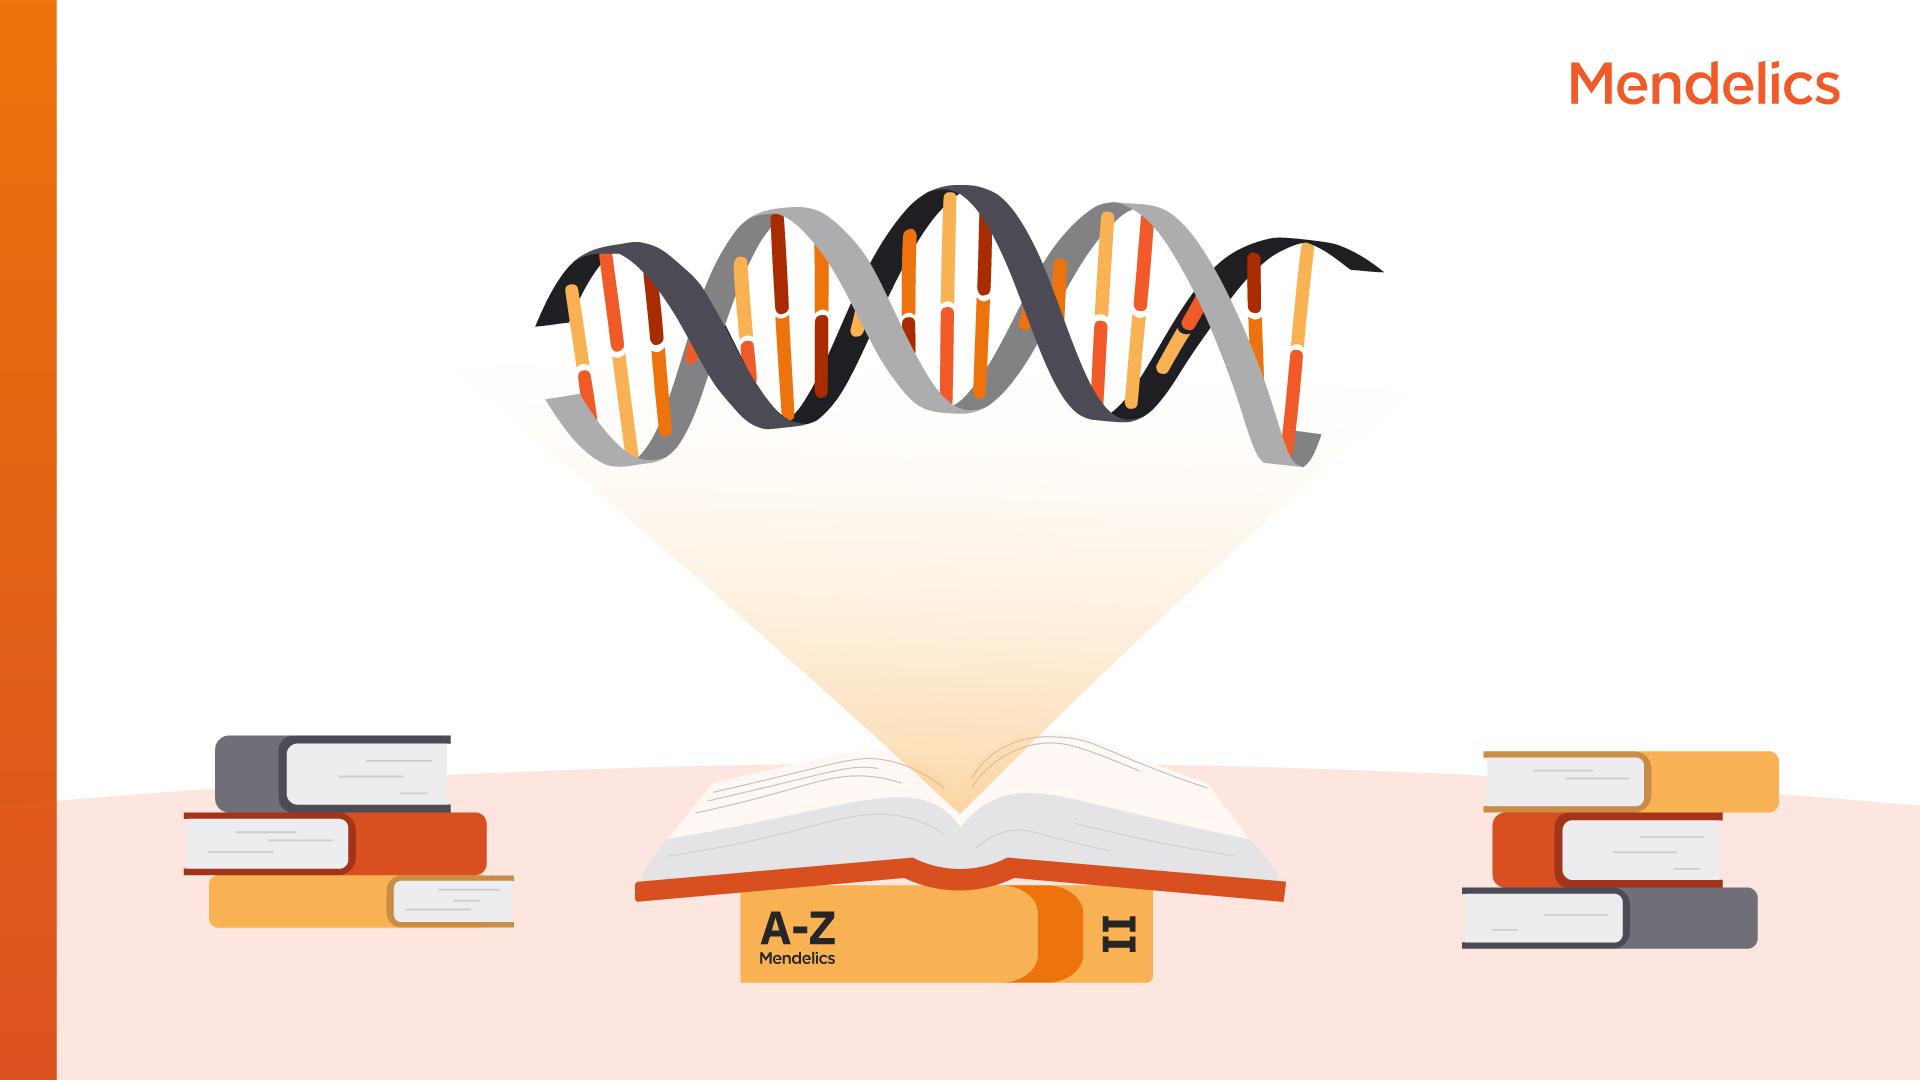 genetica, genomica, ngs